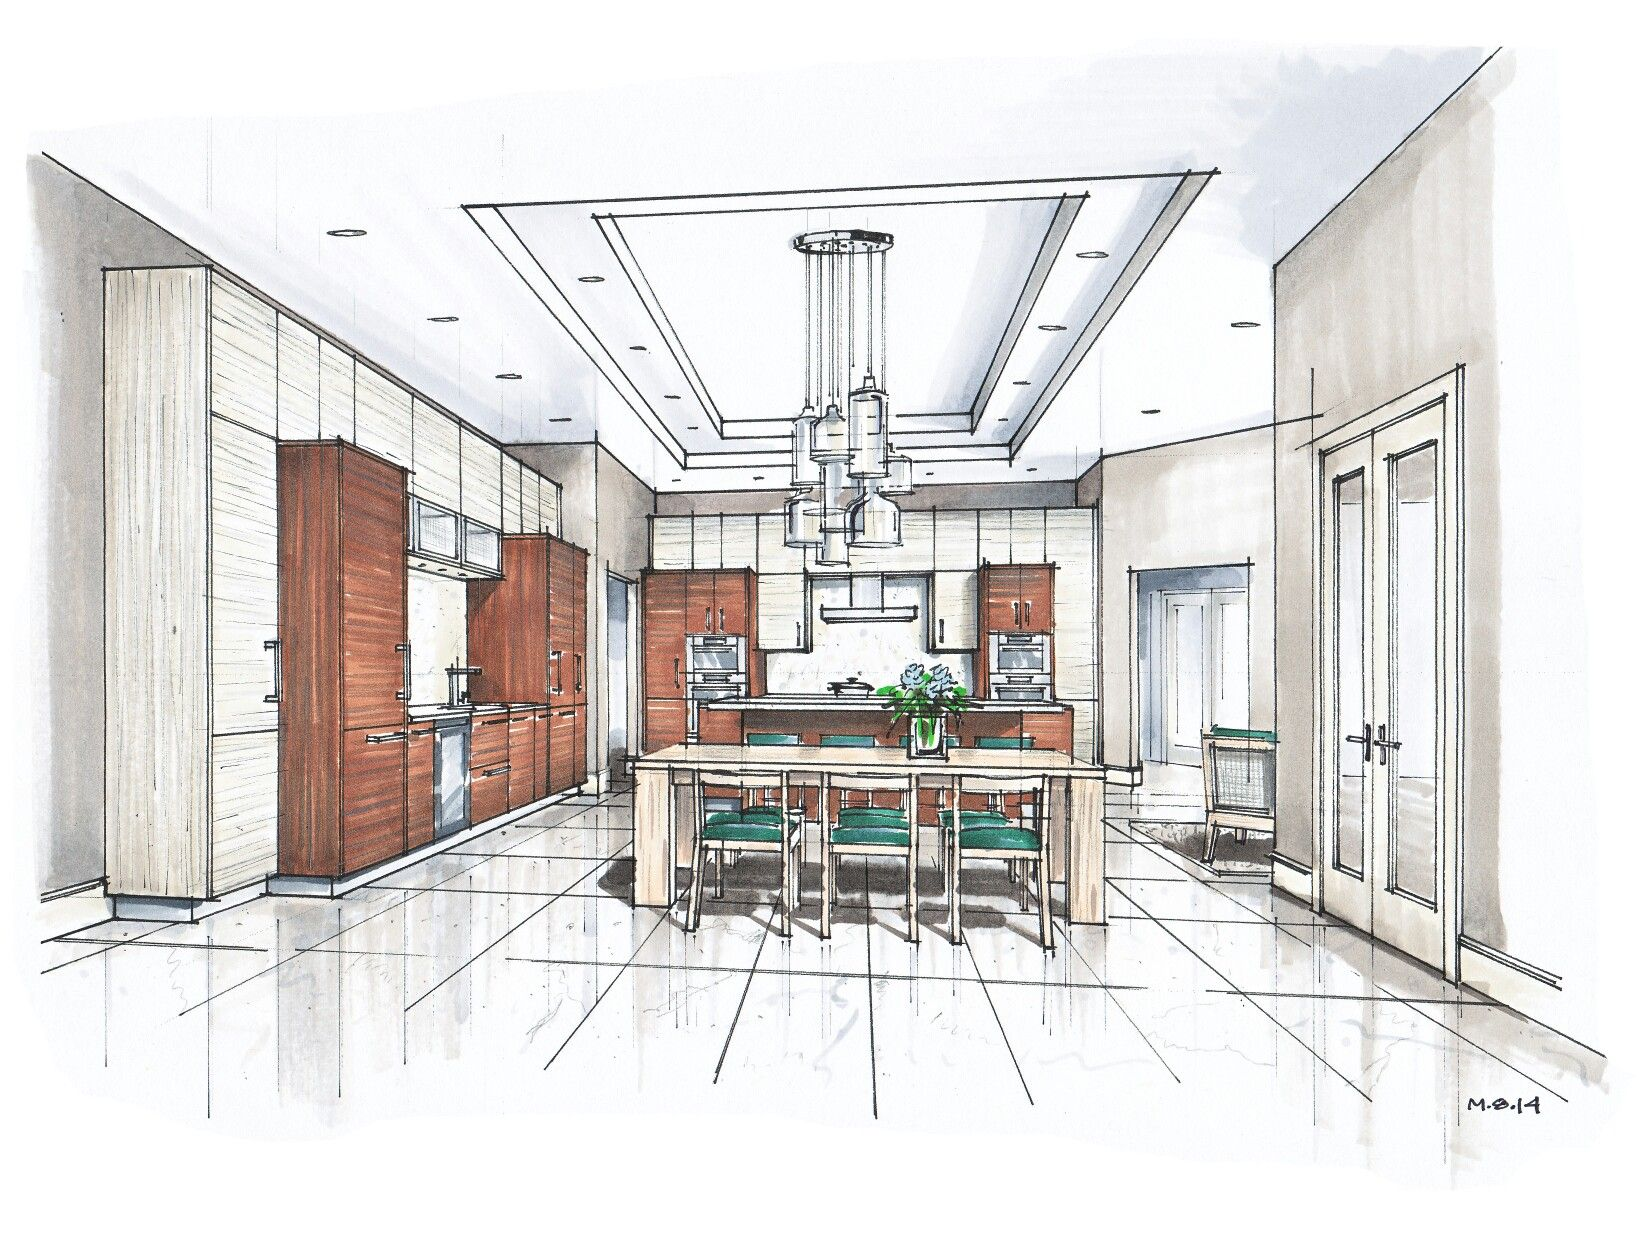 Perspectiva de interiores con tecnica de color - cocina ...